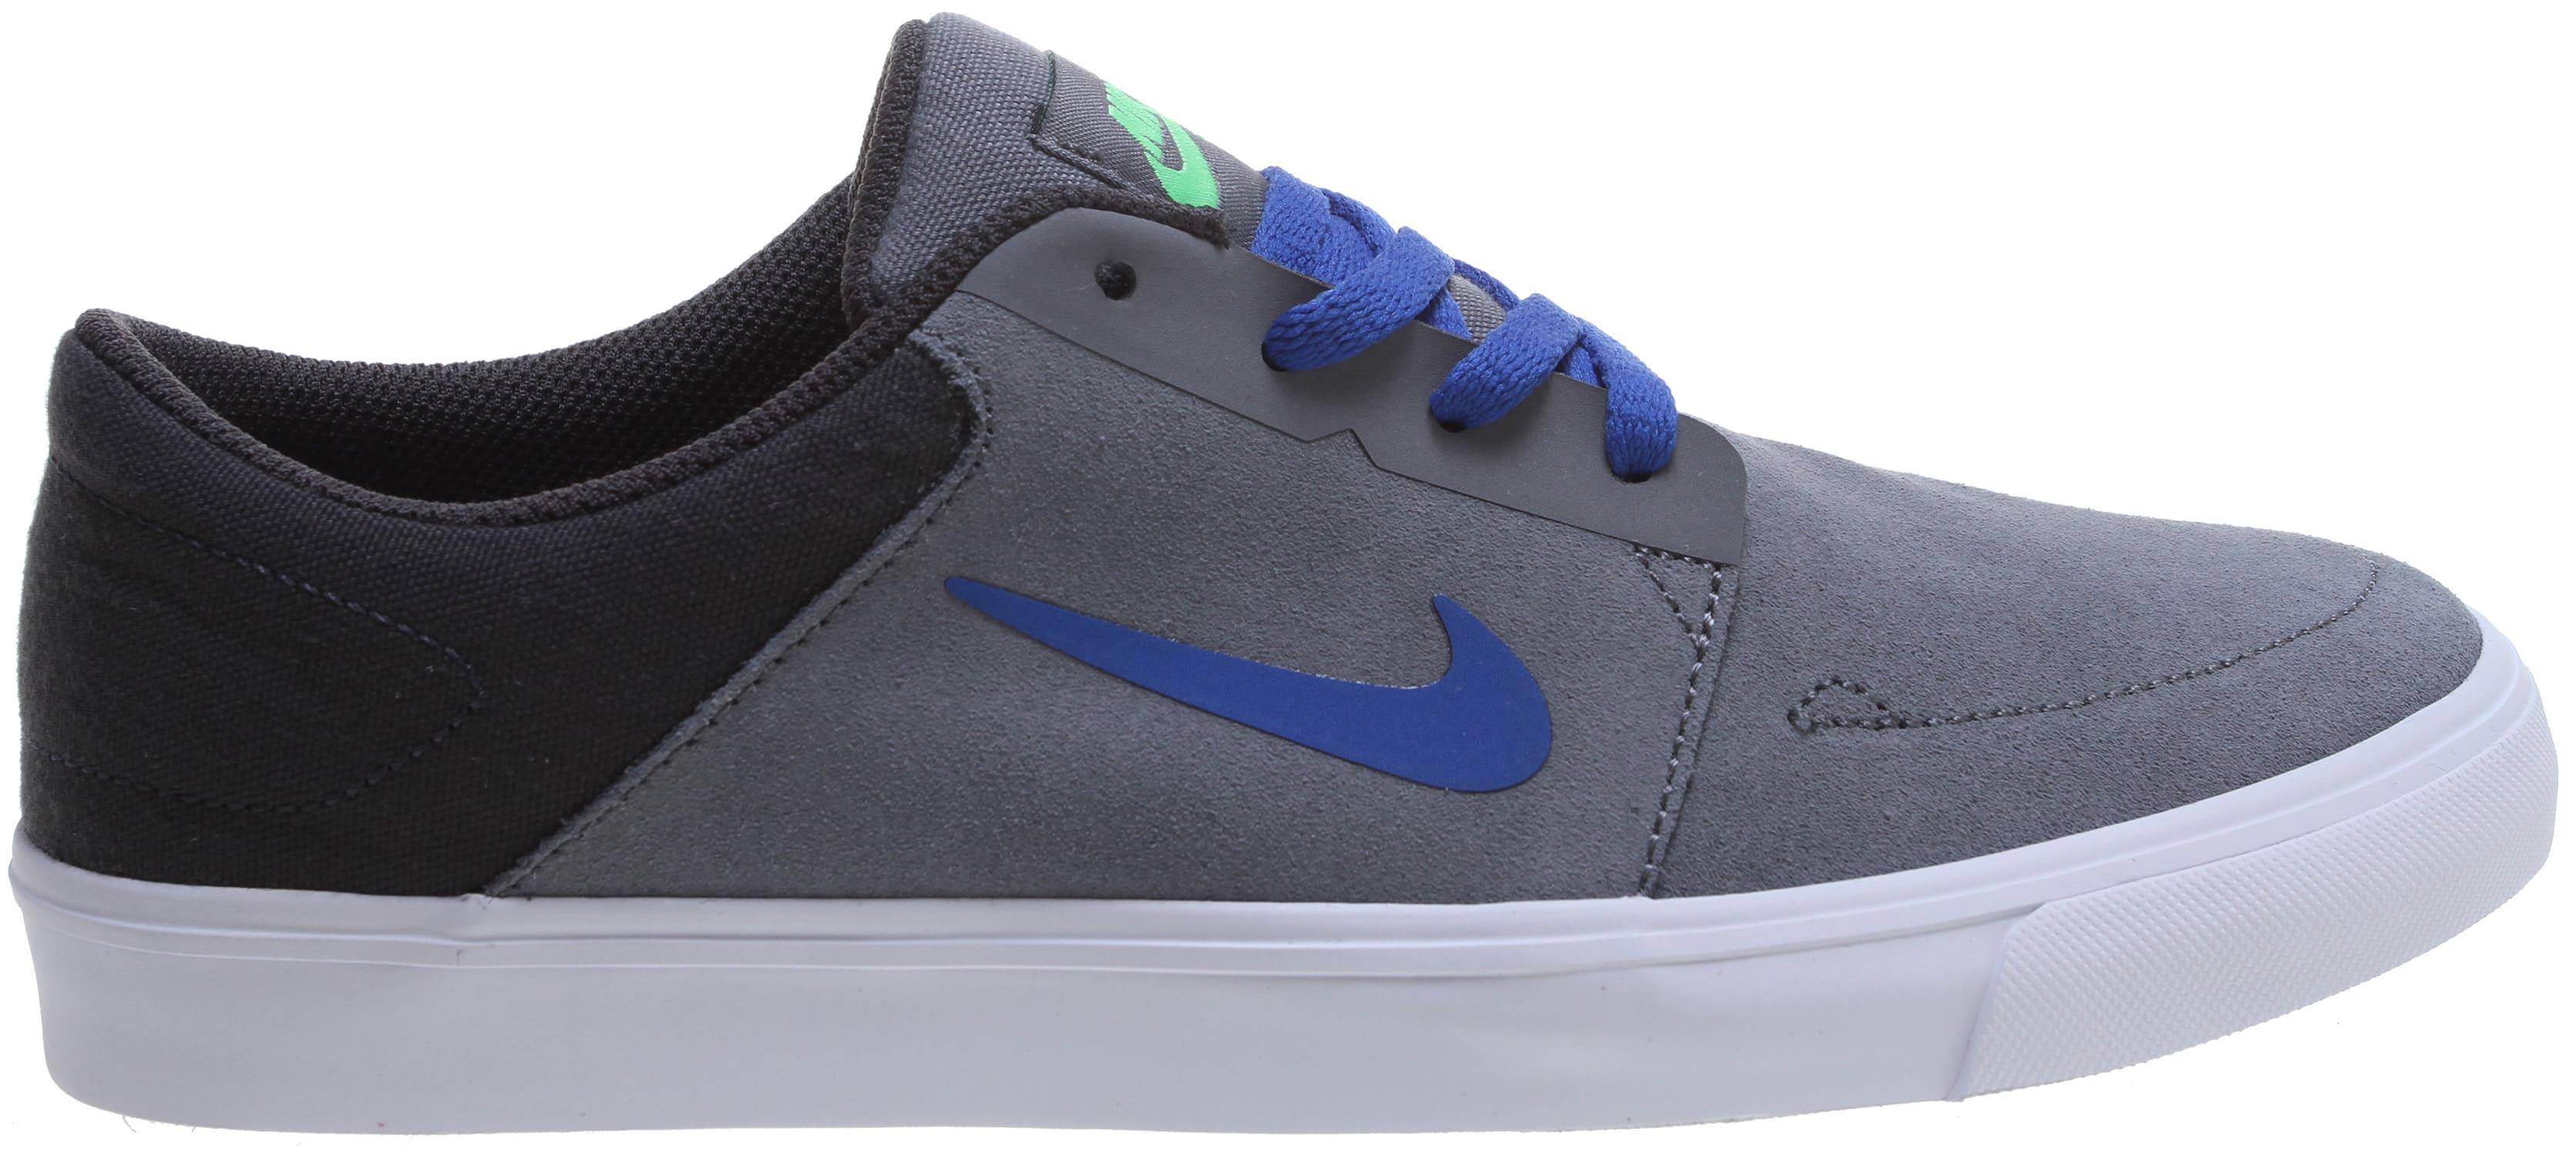 Garçons Chaussures Nike Sb En Vente coût de réduction Manchester rabais vente boutique pour professionnel gratuit d'expédition Commerce à vendre b51TpD